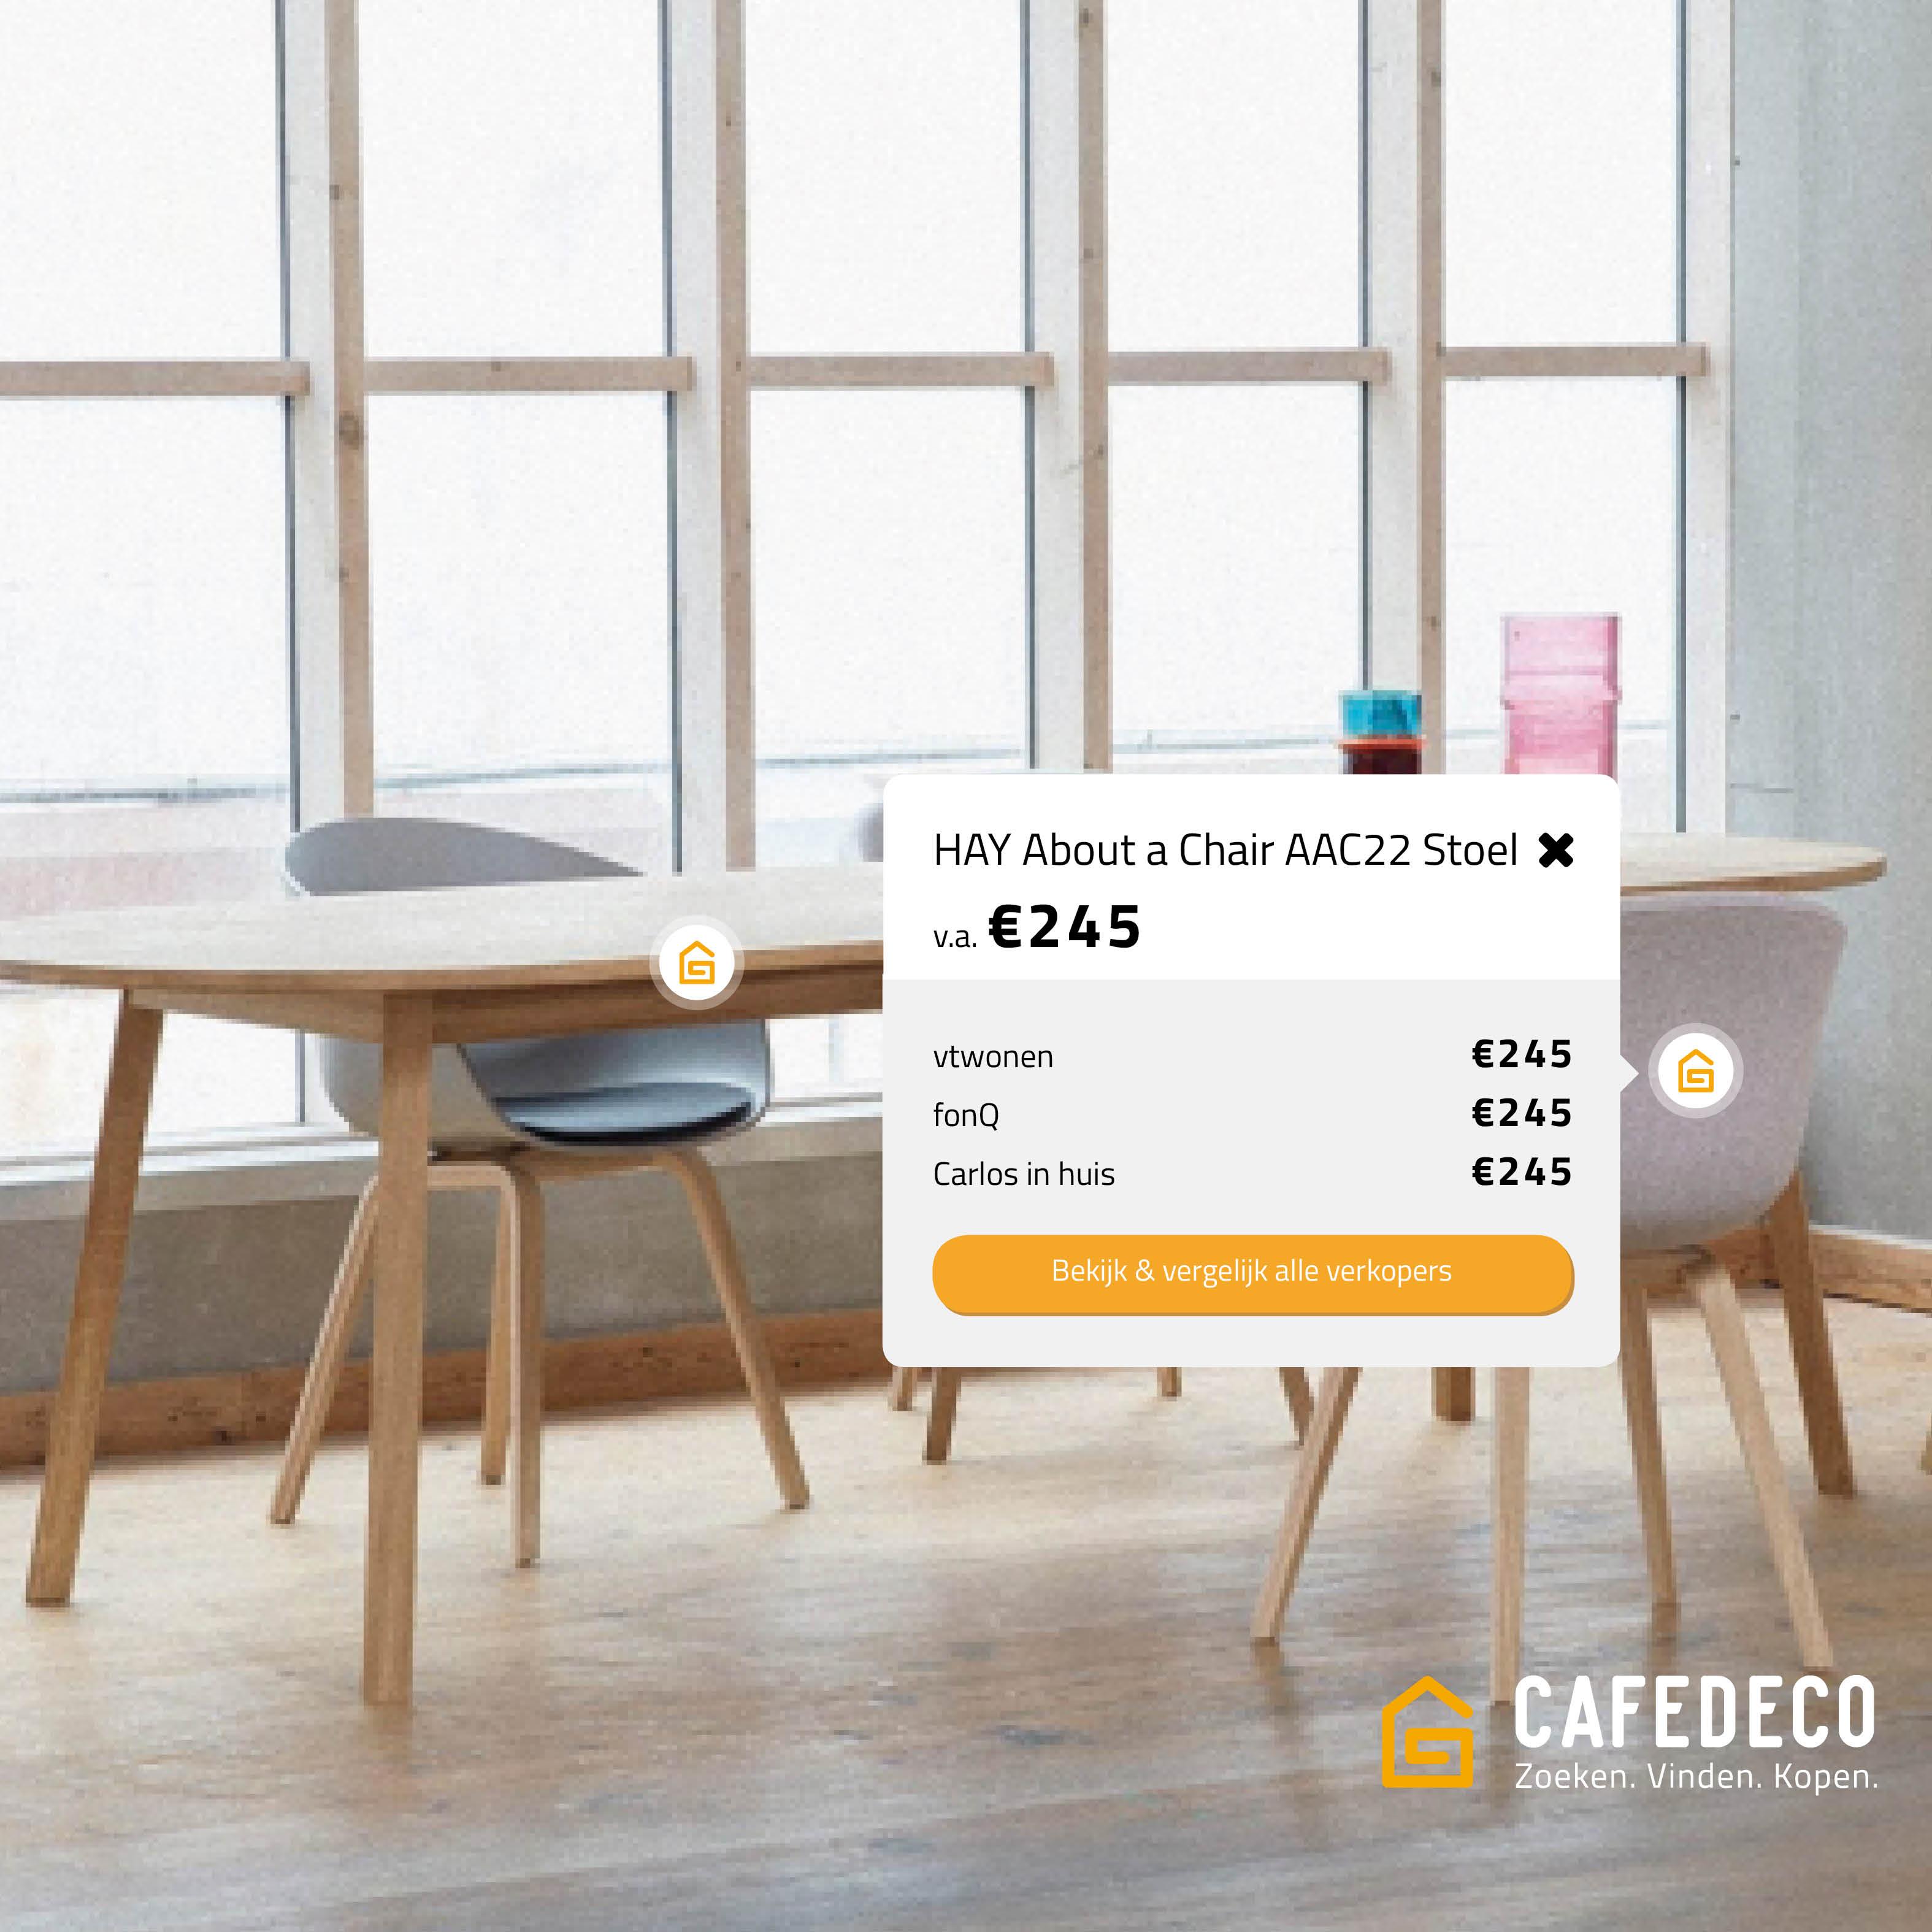 CAFEDECO.nl